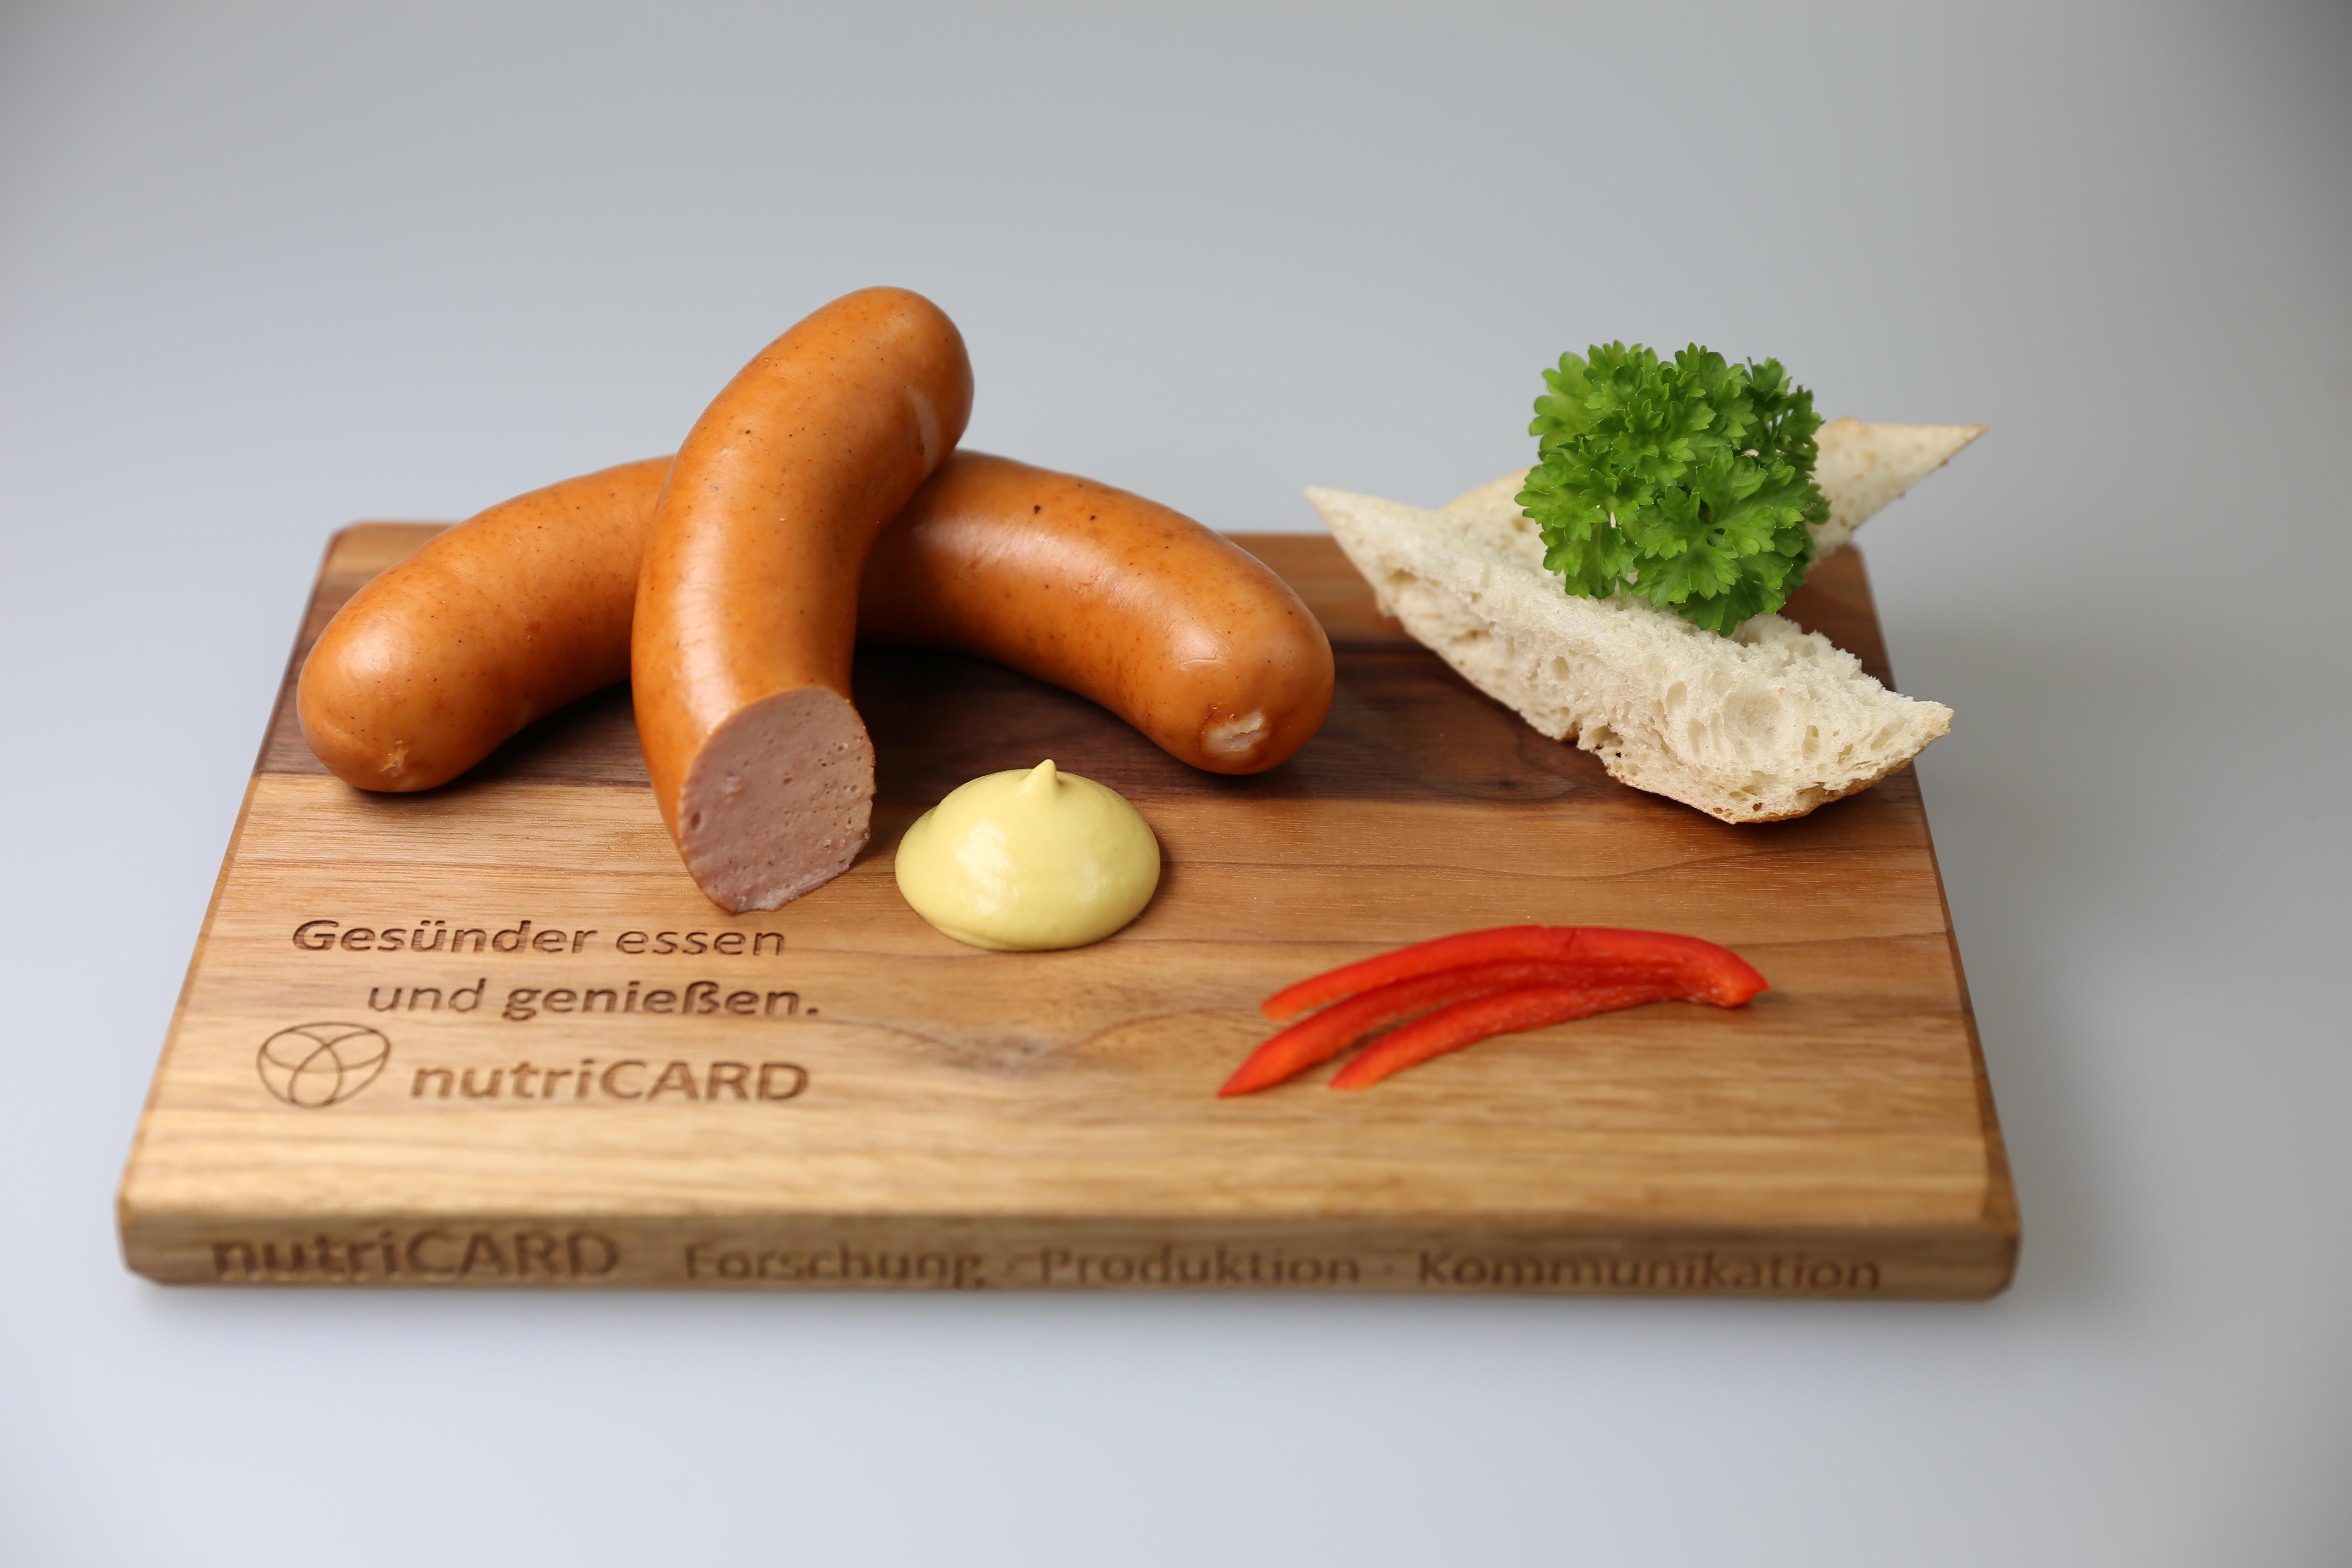 Knackige und herzhafte nutriCARD-Bockwurst: Fast ein Drittel fettreduziert und mit wertvollem Protein angereichert.